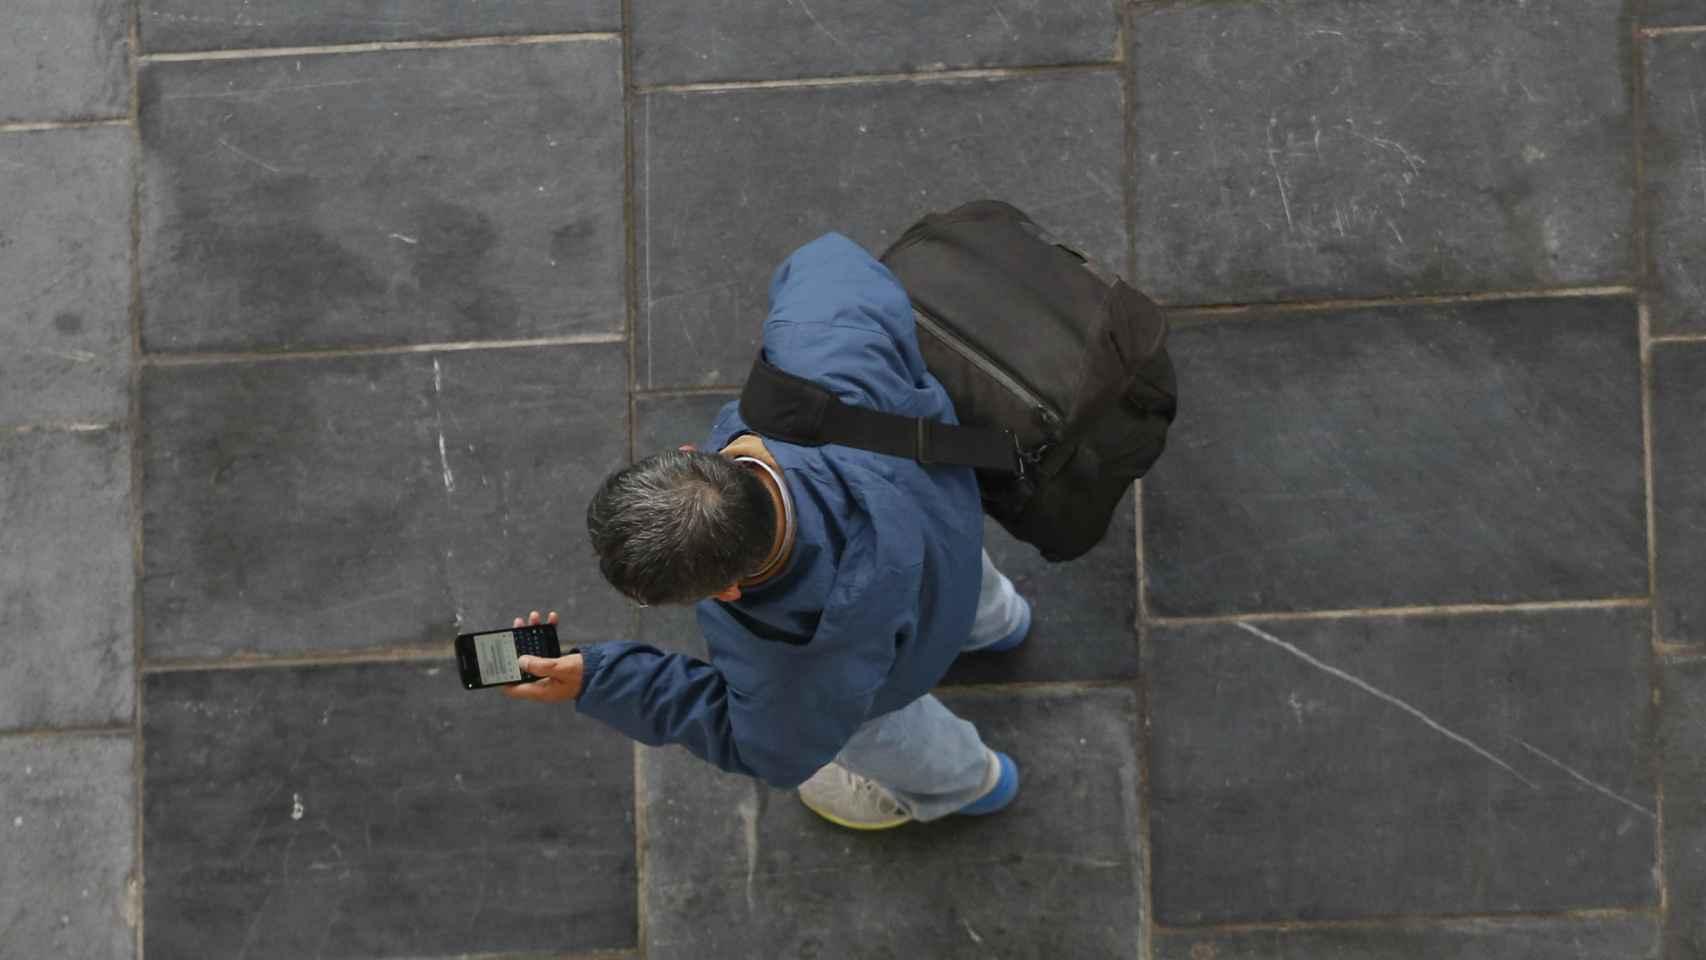 El 17% de los móviles españoles pertenecen a un OMV.